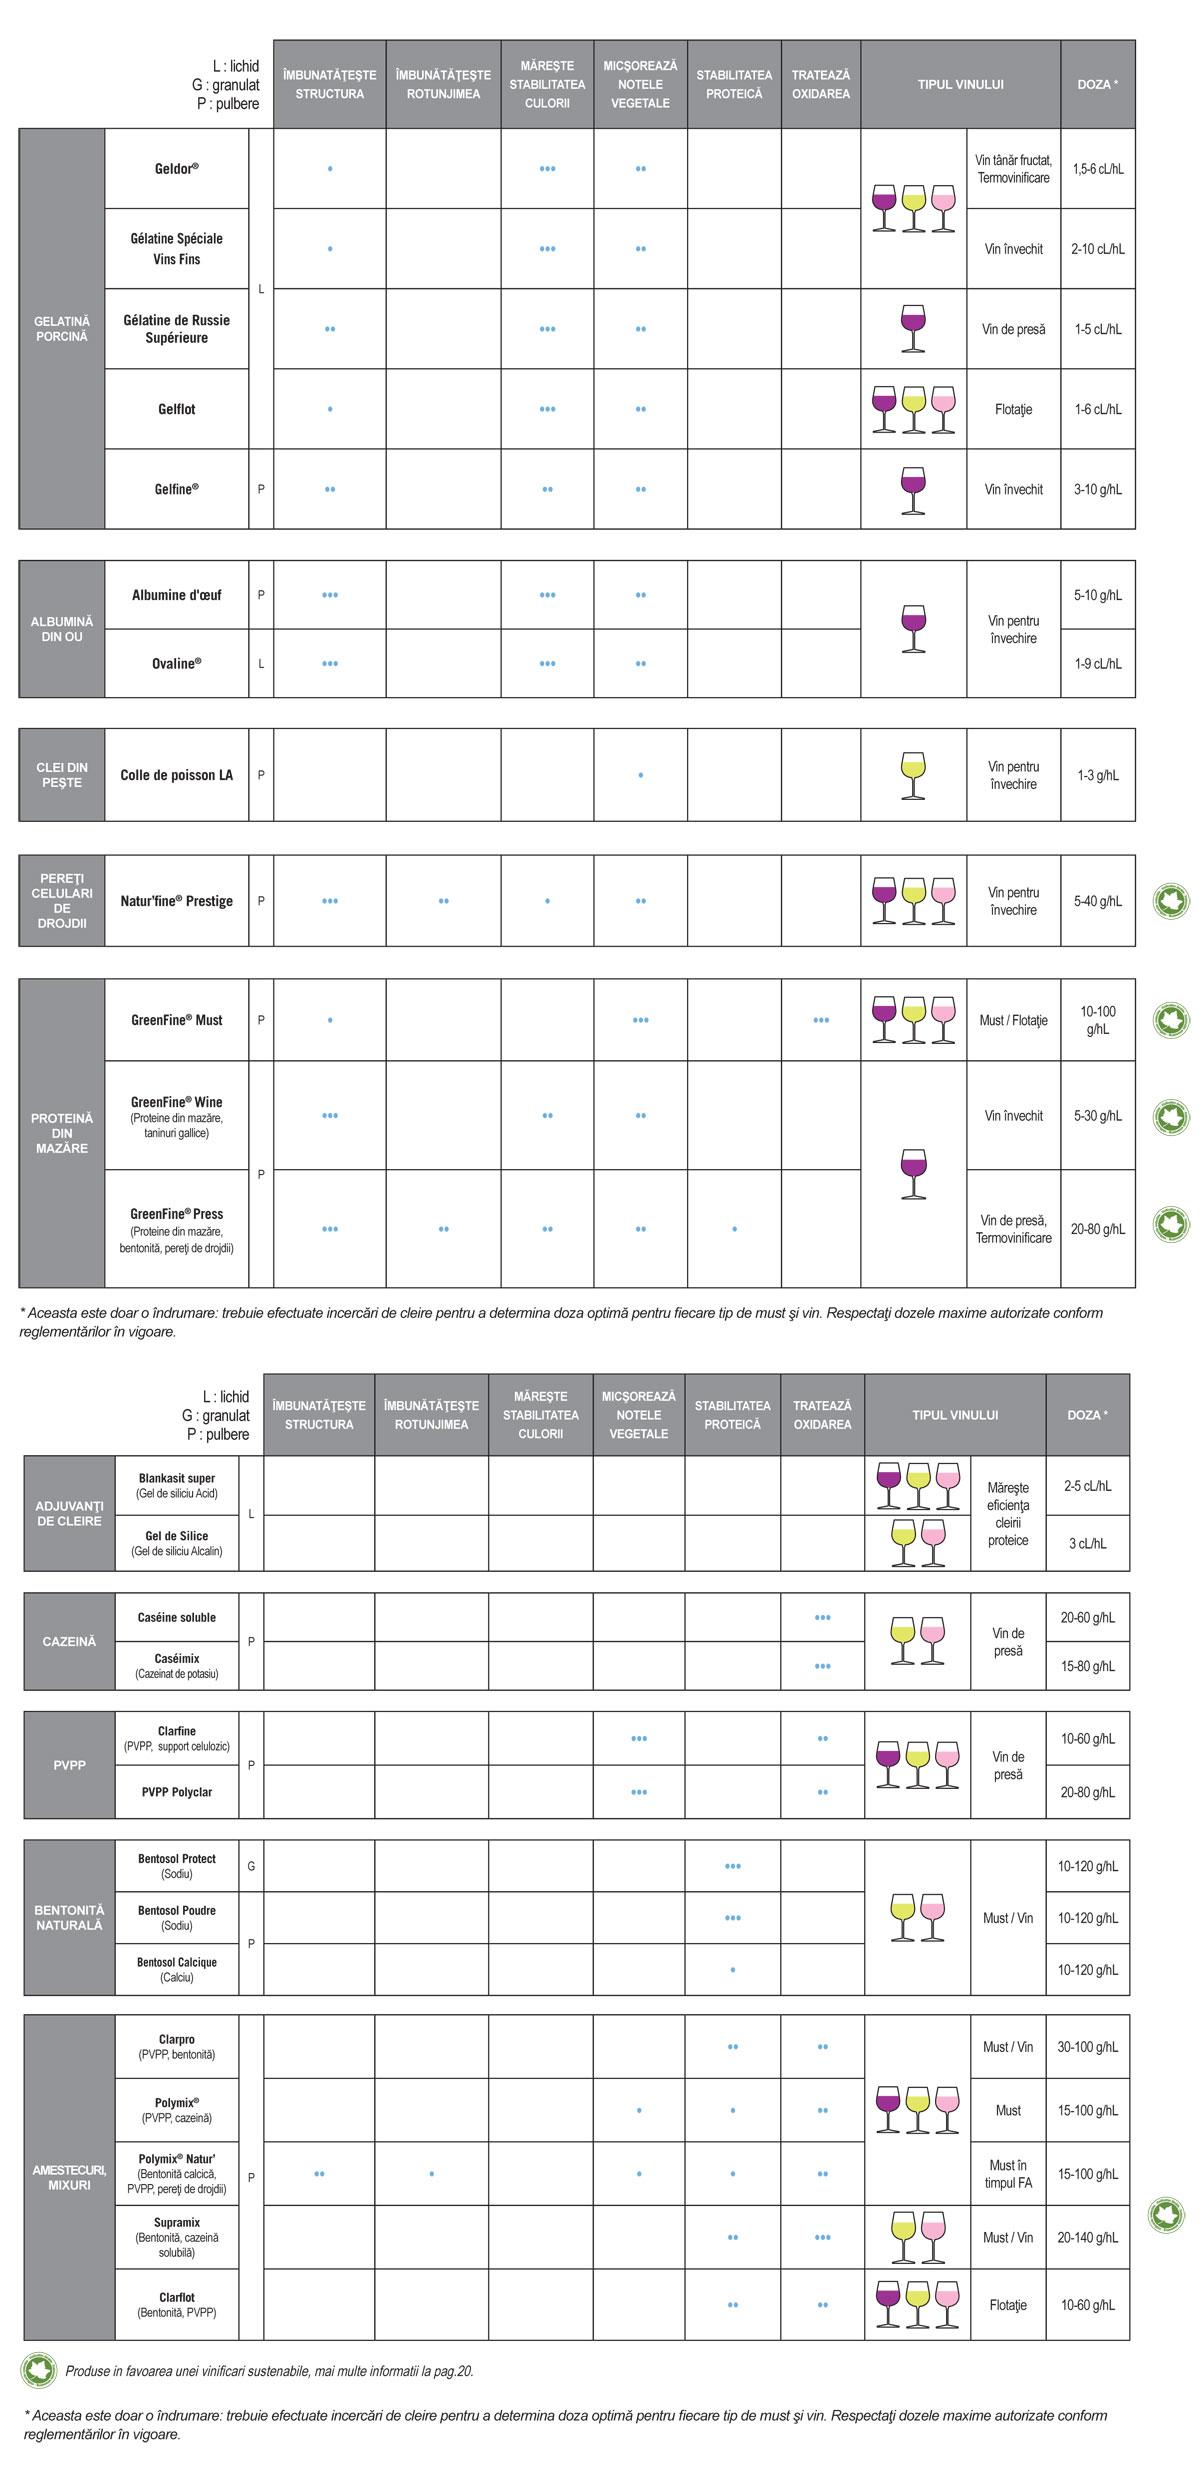 Tabel-CLEITORI-RO-2014-1.jpg